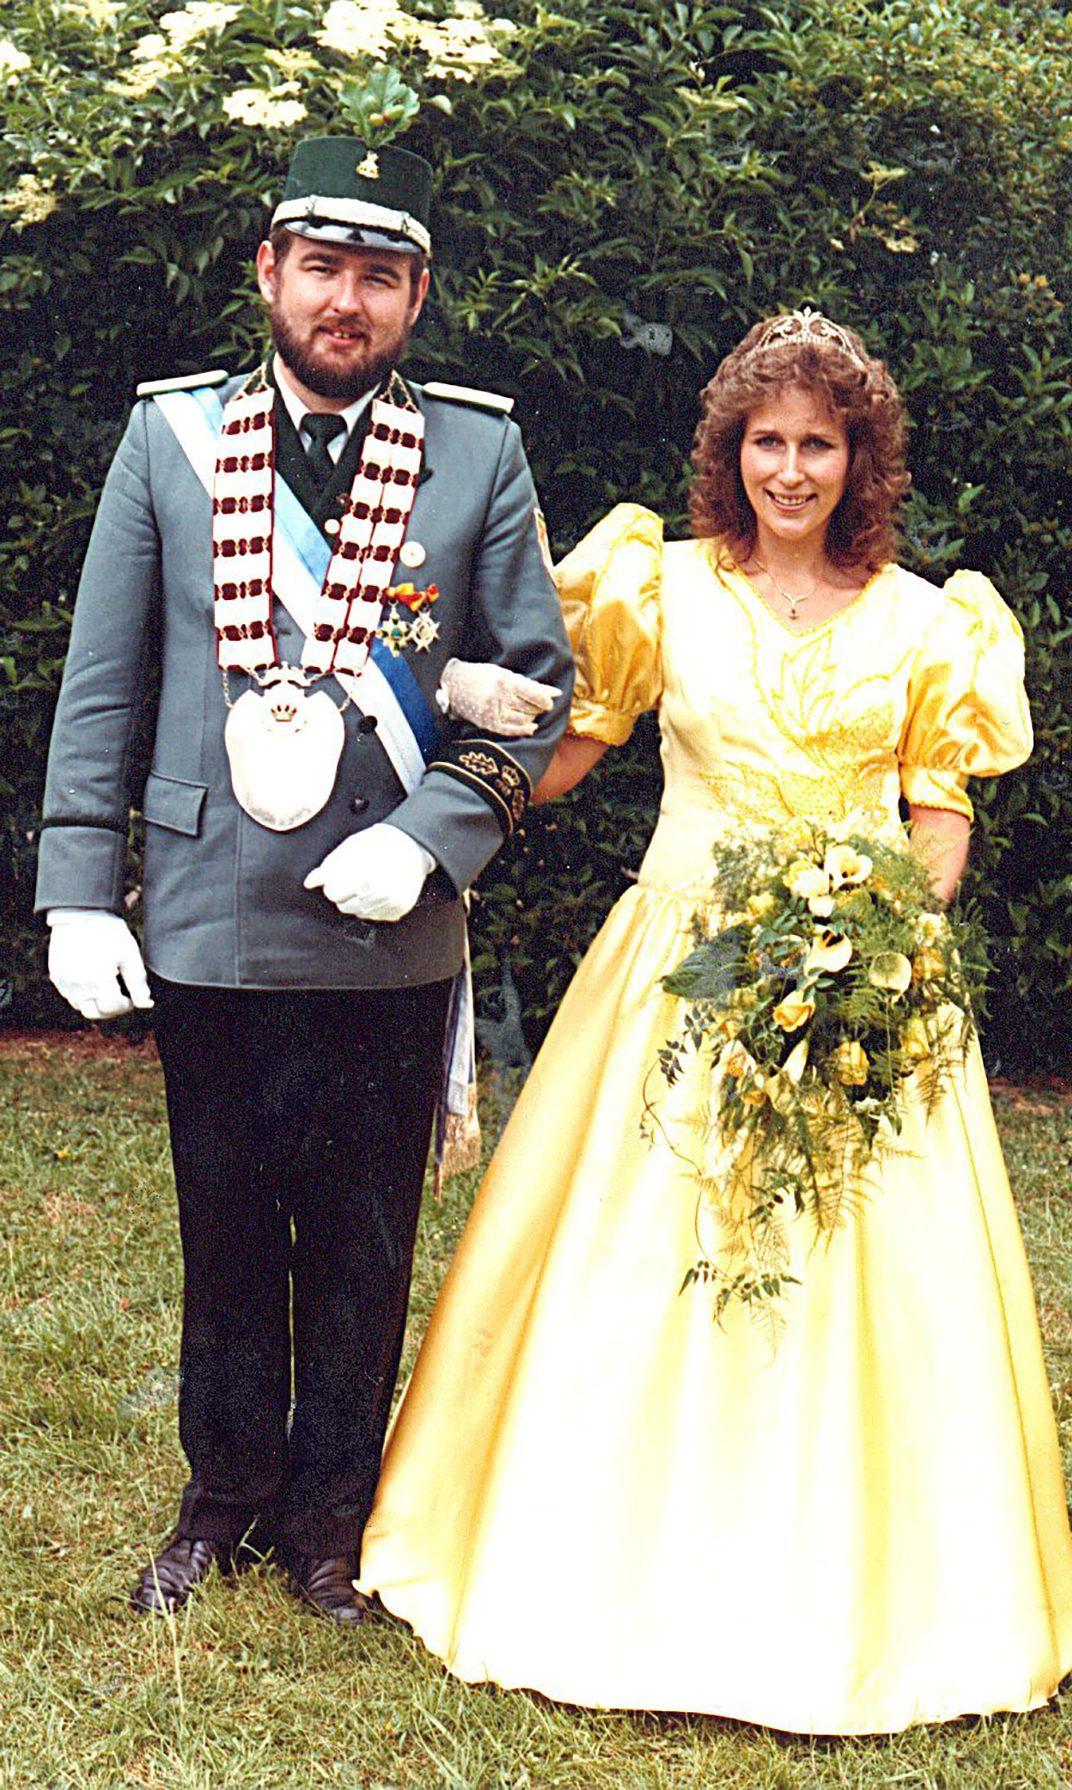 Koenigspaar_1989